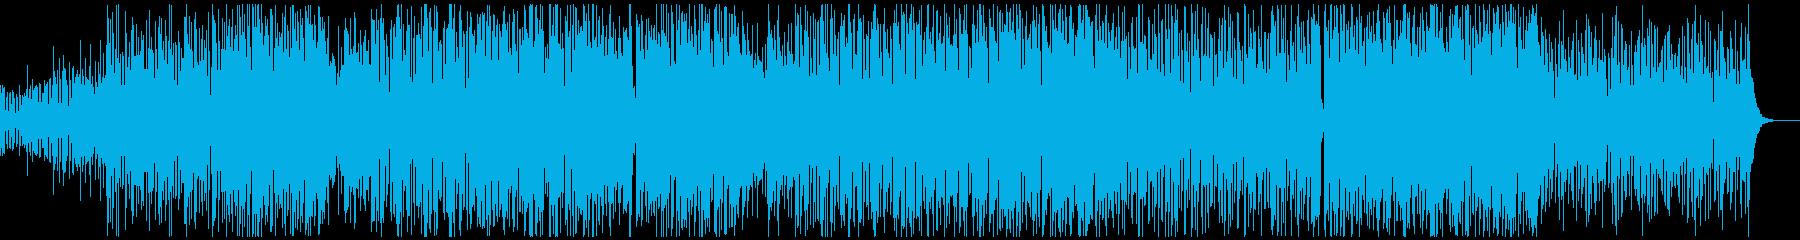 和太鼓と三味線の日本的で和風なロックの再生済みの波形